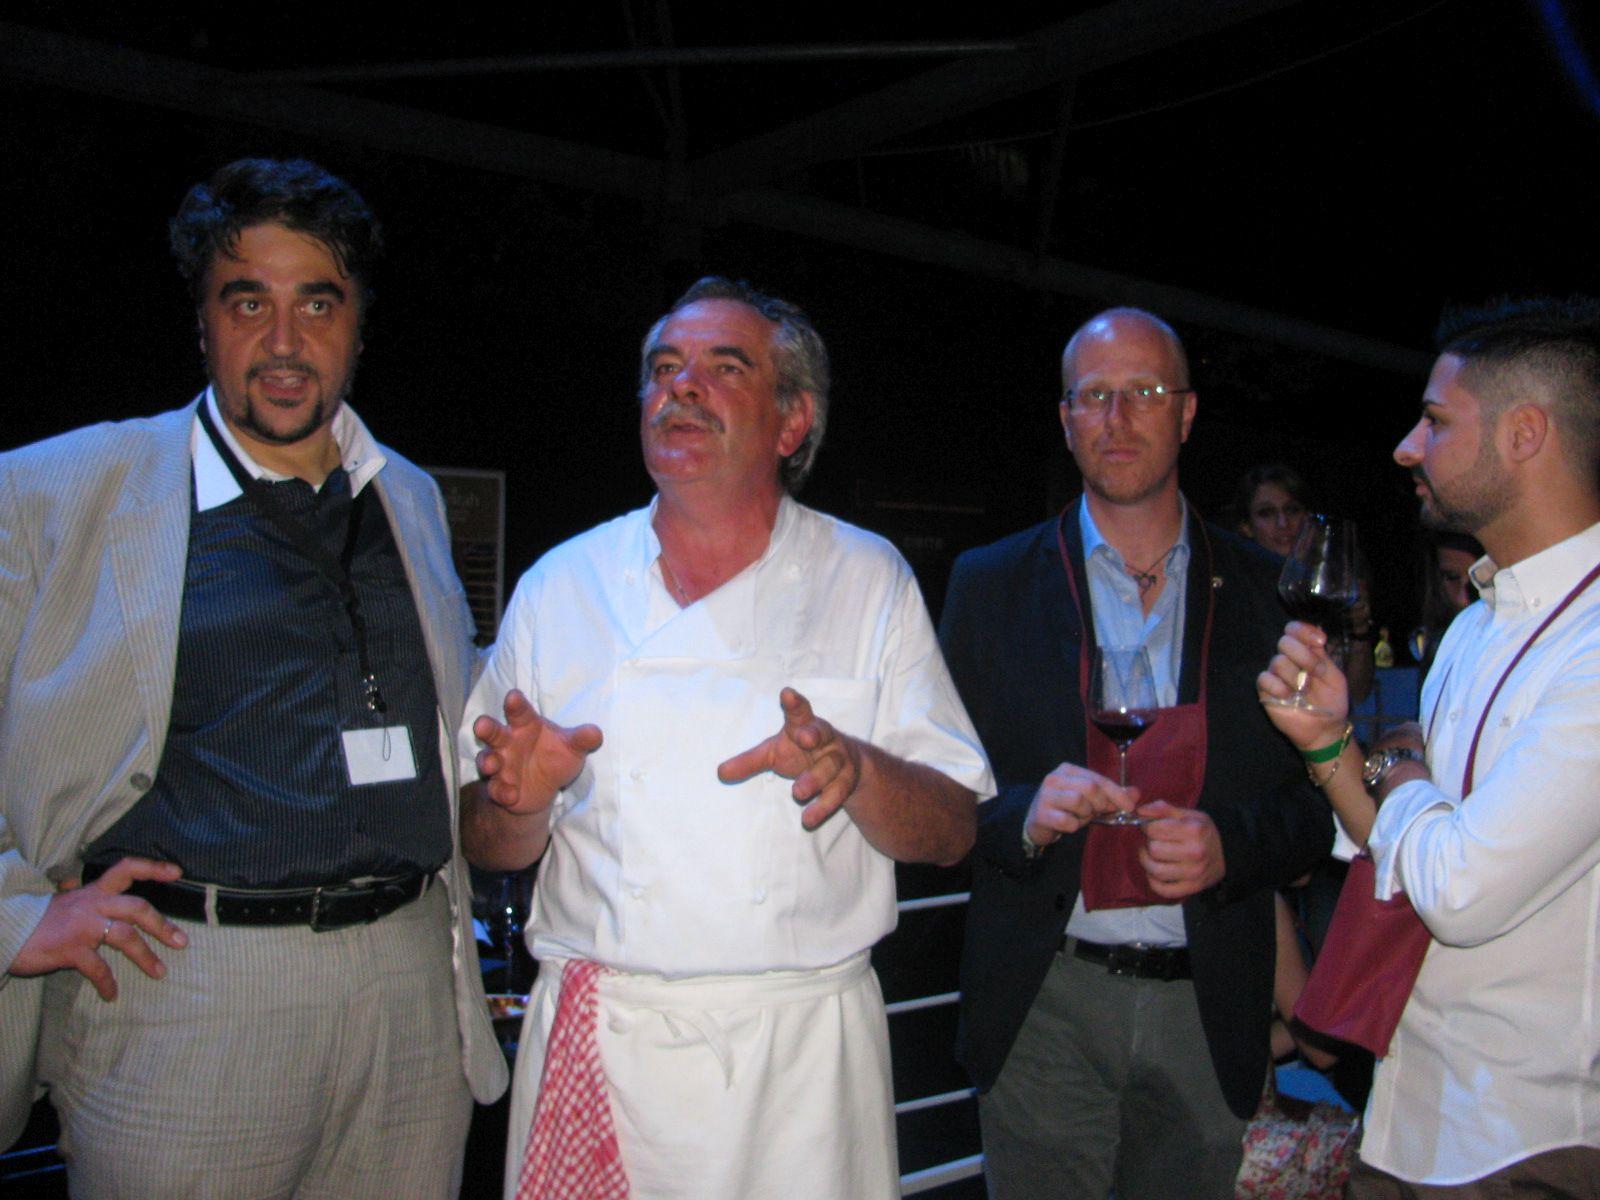 https://www.comune.olevanoromano.rm.it/immagini_news/public/immagine/100-vinoforum-Carletti,-Cioli-e-Mampieri.jpg